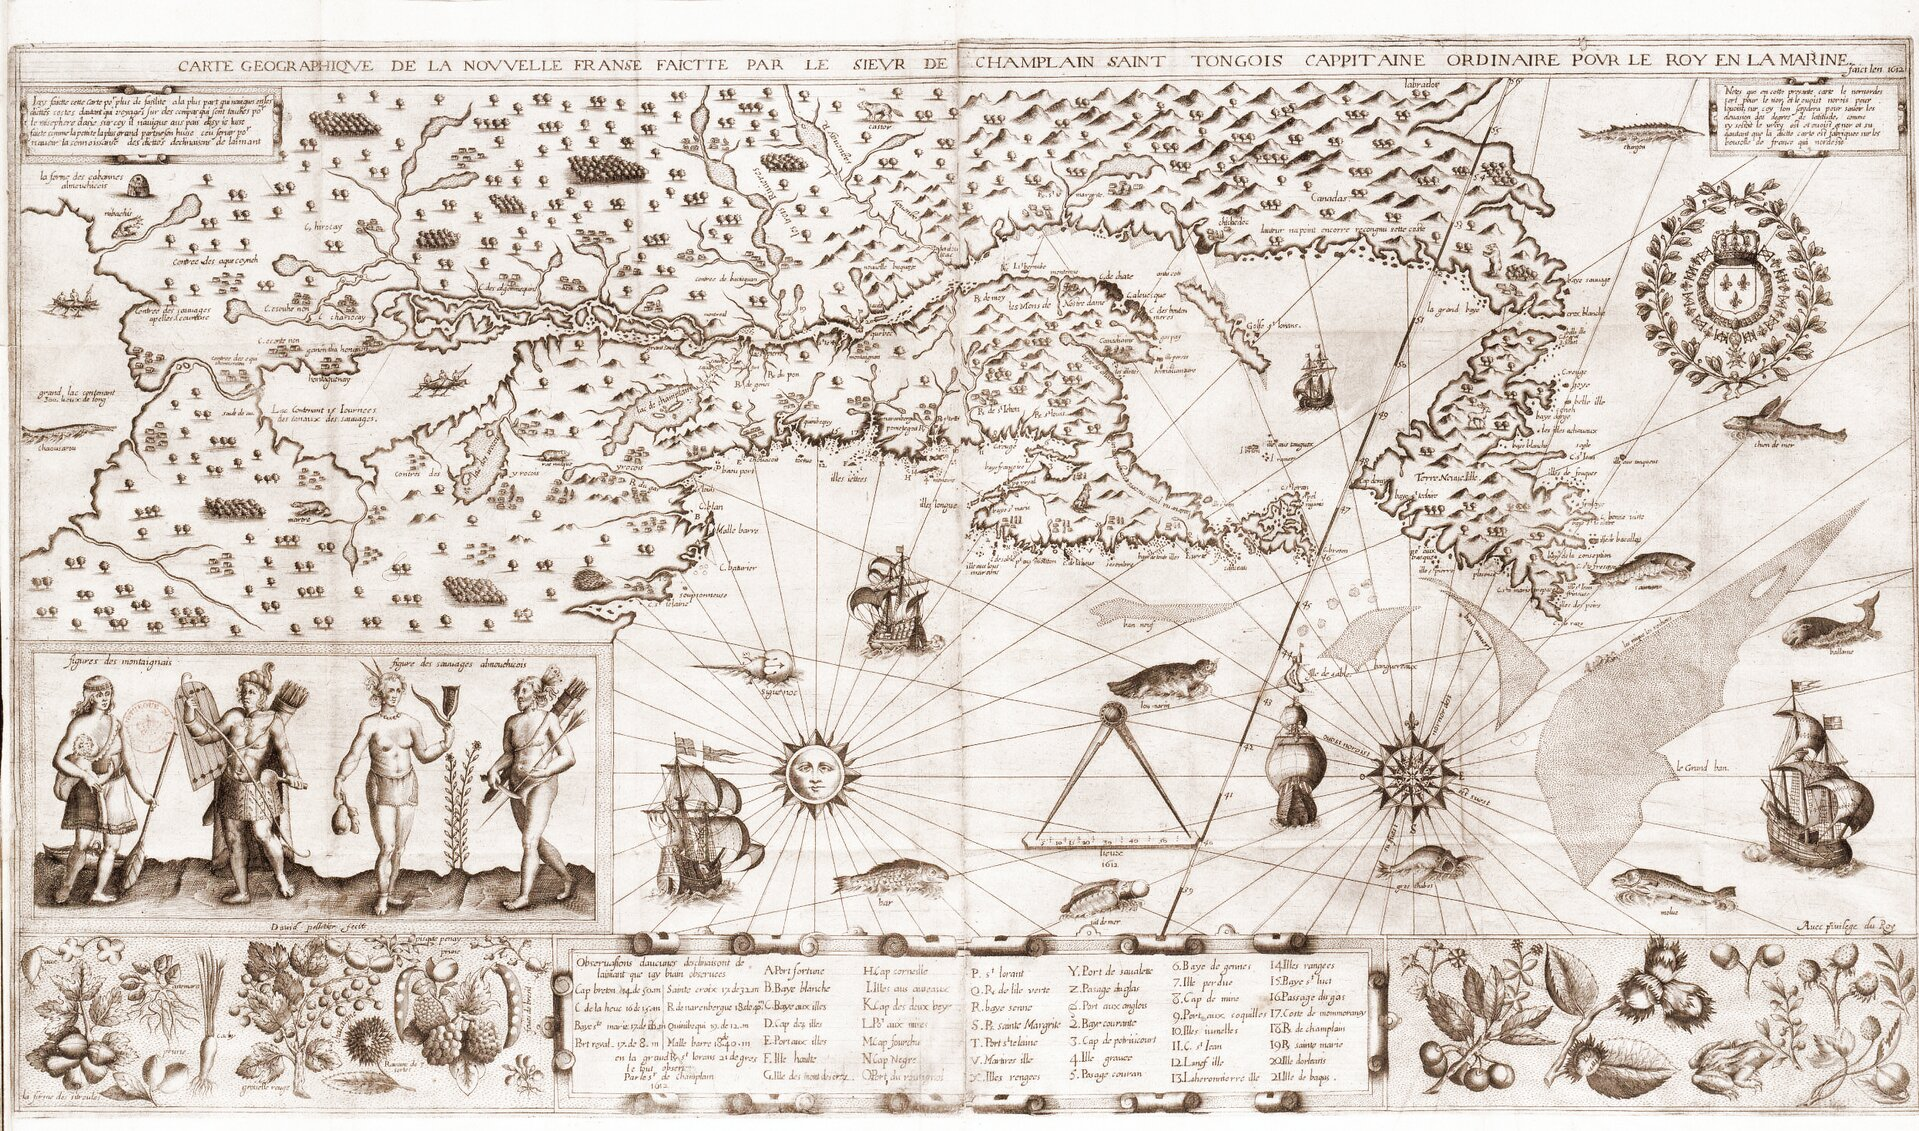 Tereny odkryte przez Champlaina Źródło: Samuel de Champlain, Tereny odkryte przez Champlaina, domena publiczna.